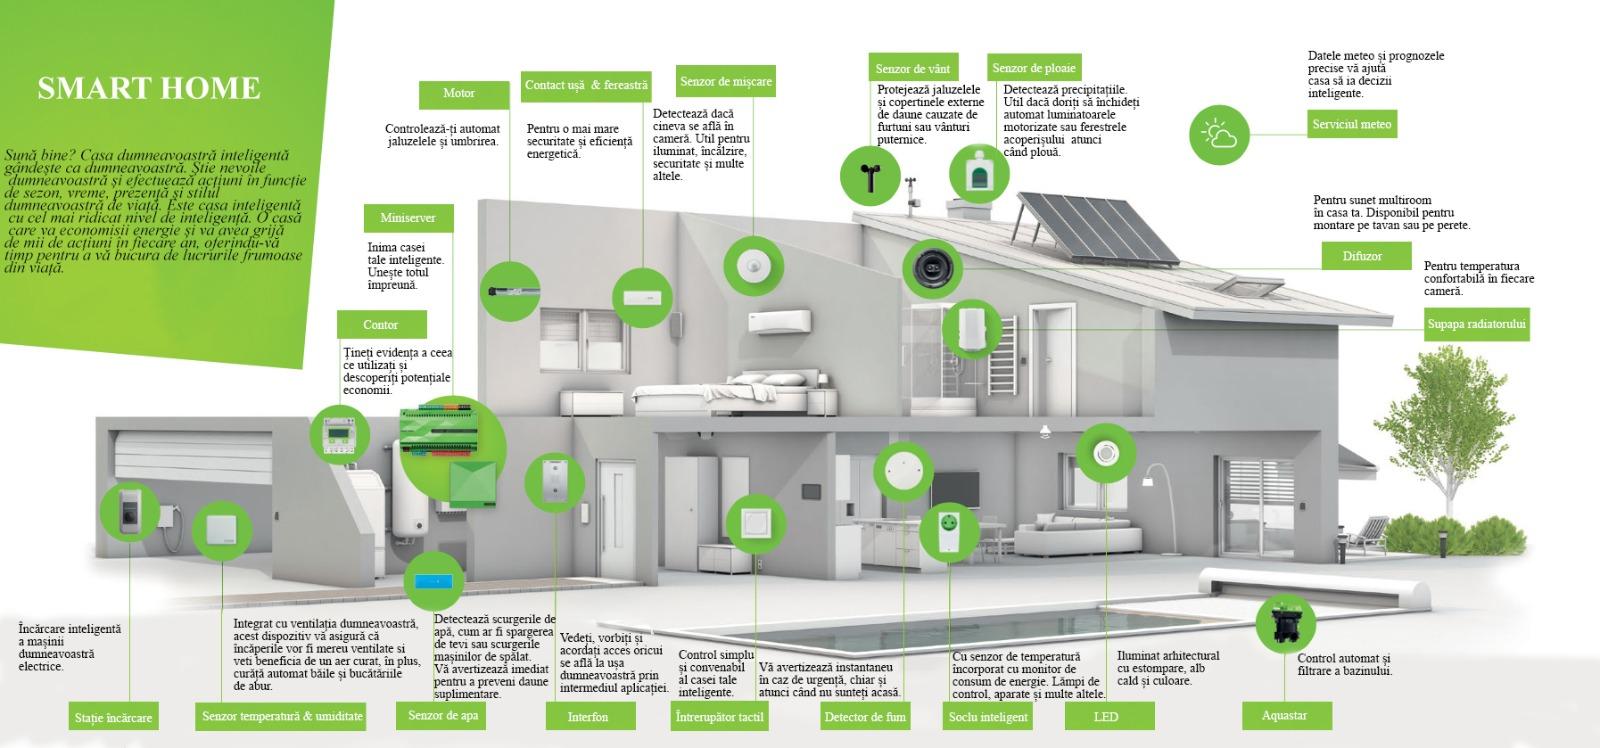 smarthouse romania